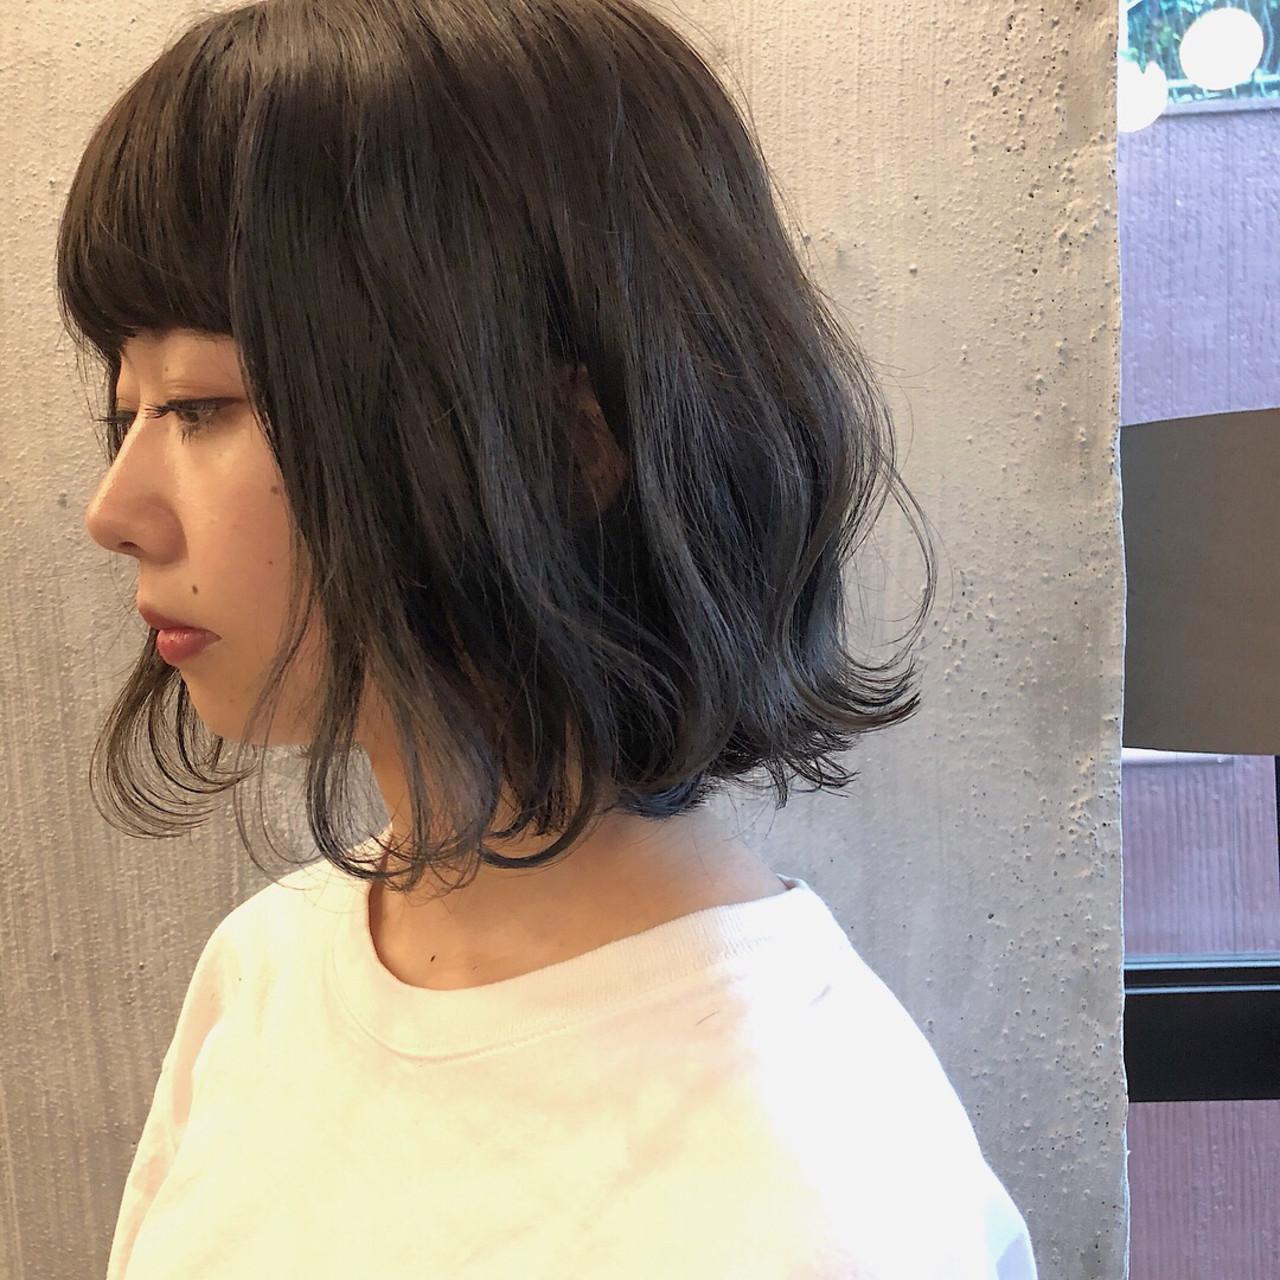 ふわふわ感がかわいい♡黒髪ボブ 冨永 真太郎